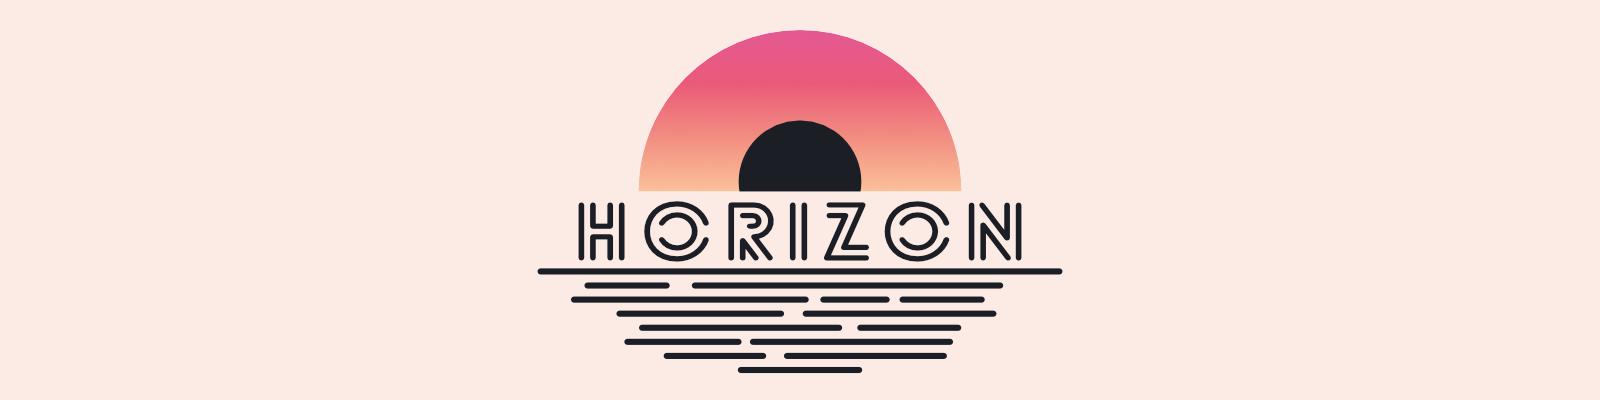 horizon banner